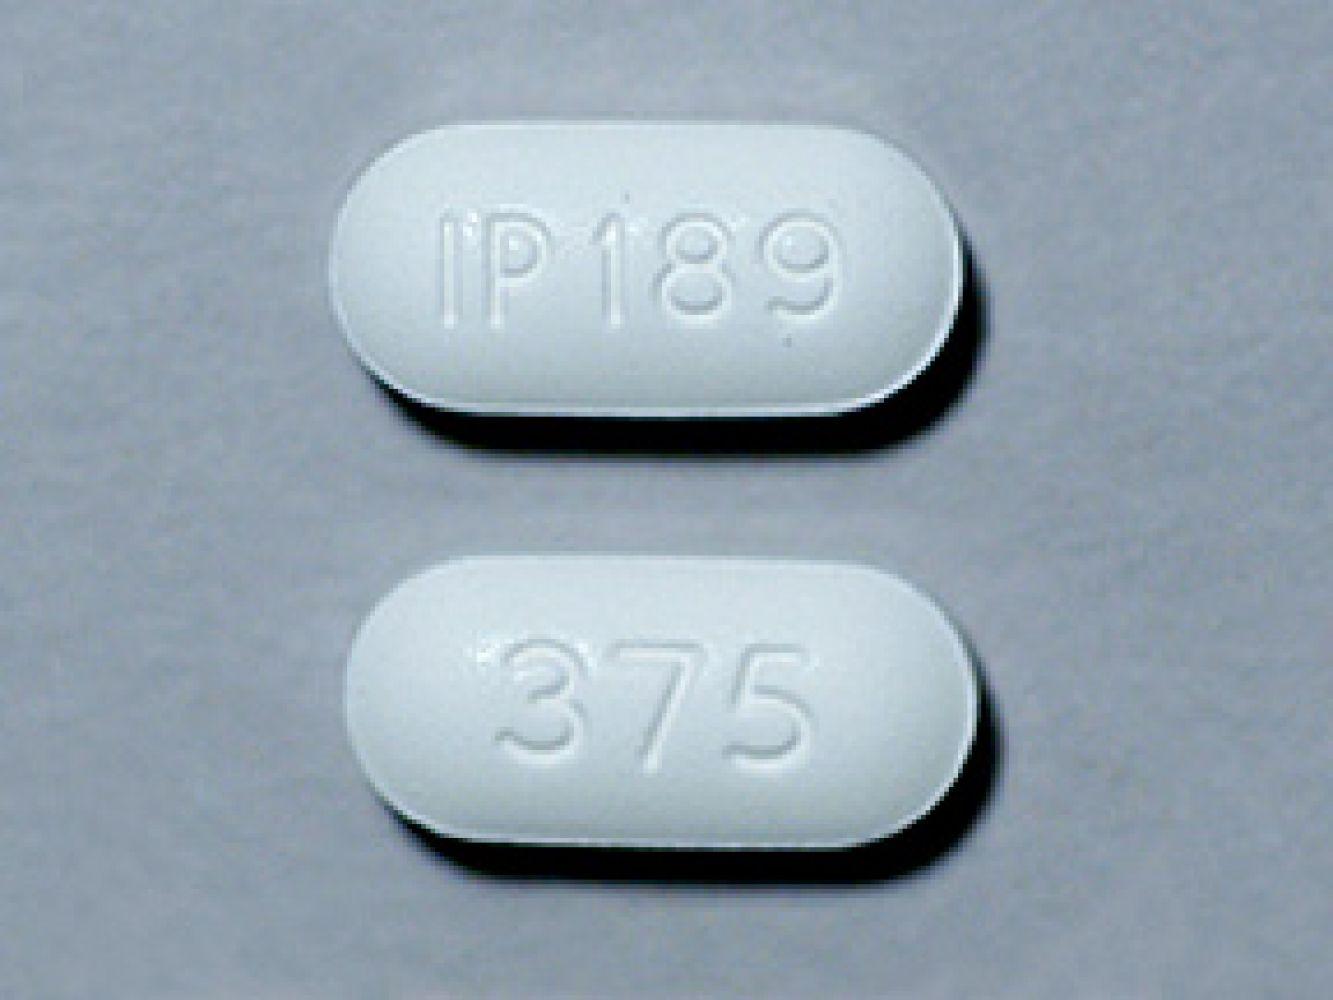 Nhóm thuốc chứaNaproxen